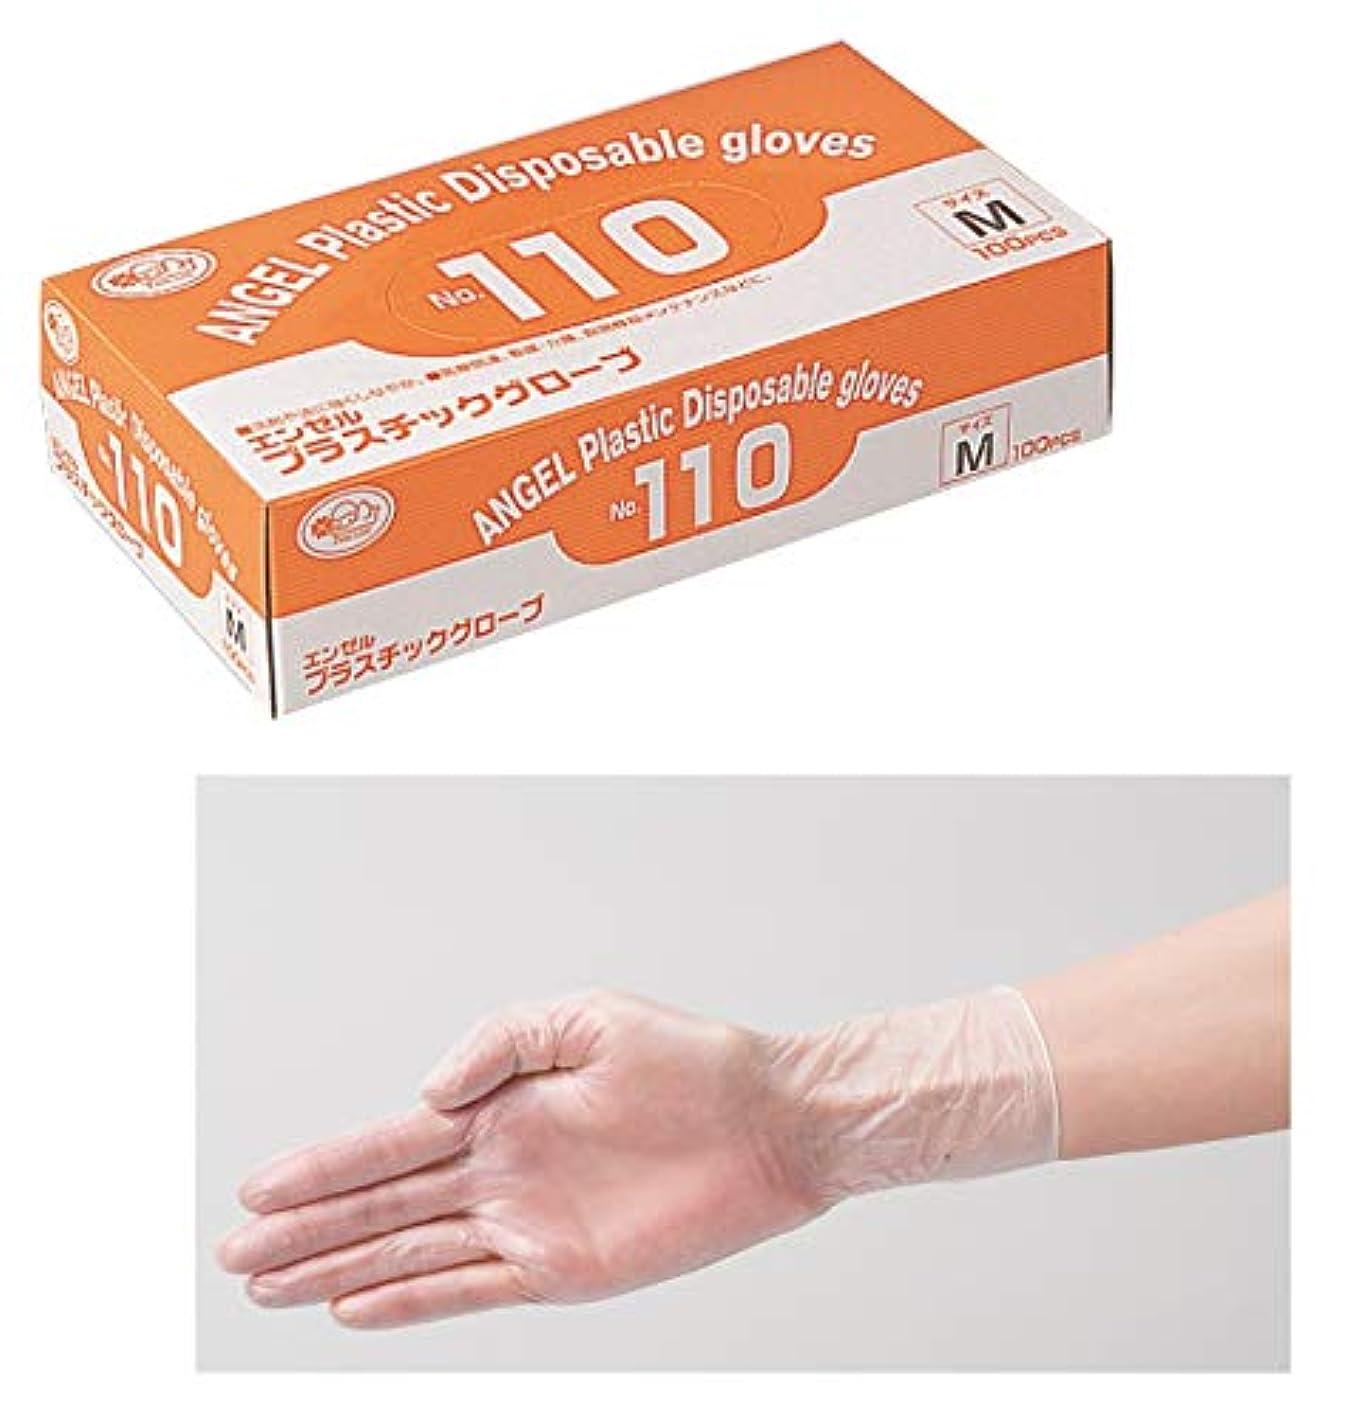 から症候群征服サンフラワー No.110 プラスチックグローブ 粉付 100枚入り (L)